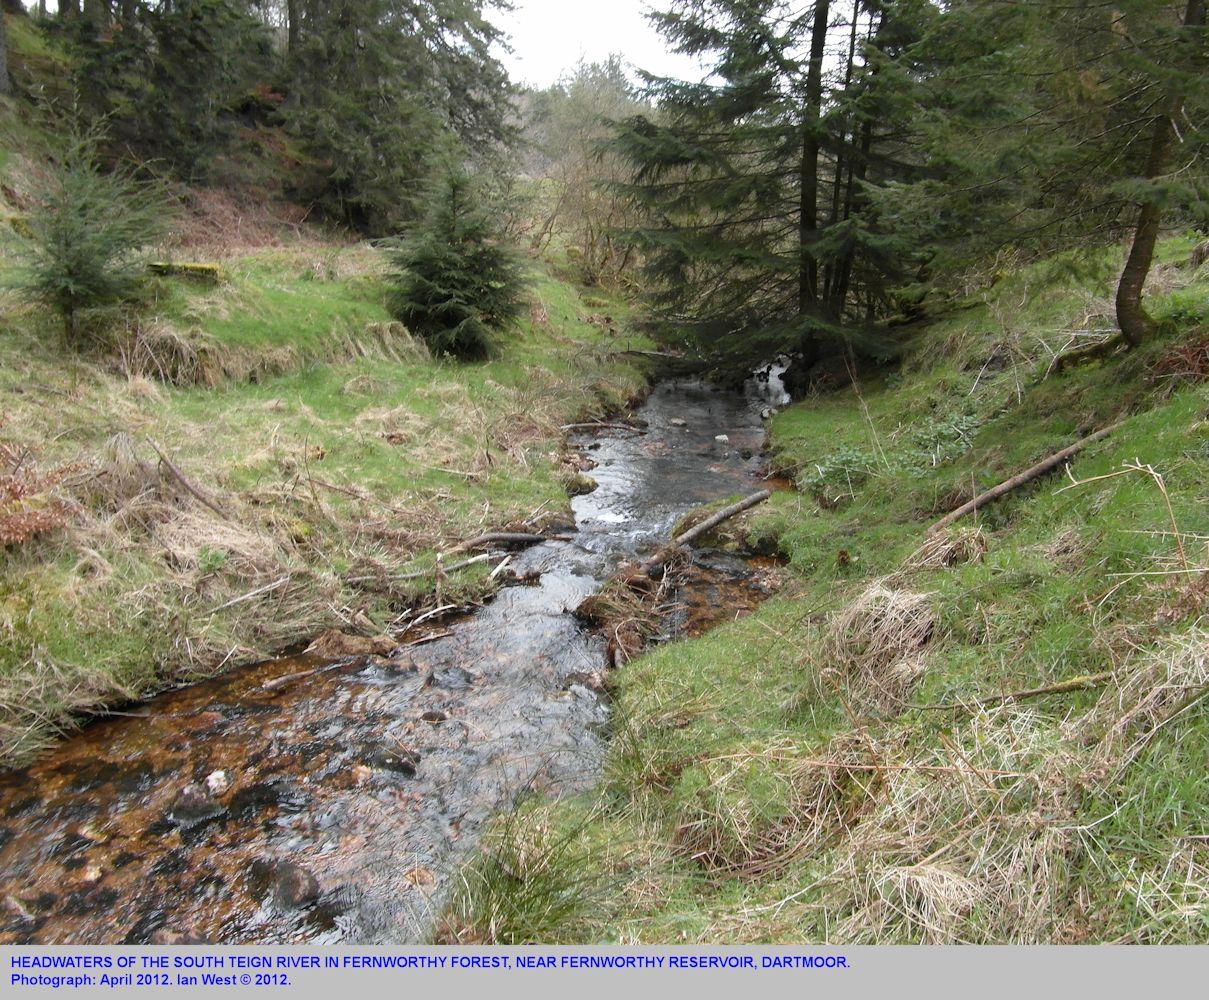 A small stream flowing into the Fernworthy Reservoir at Fernworthy Forest, Dartmoor, Devon